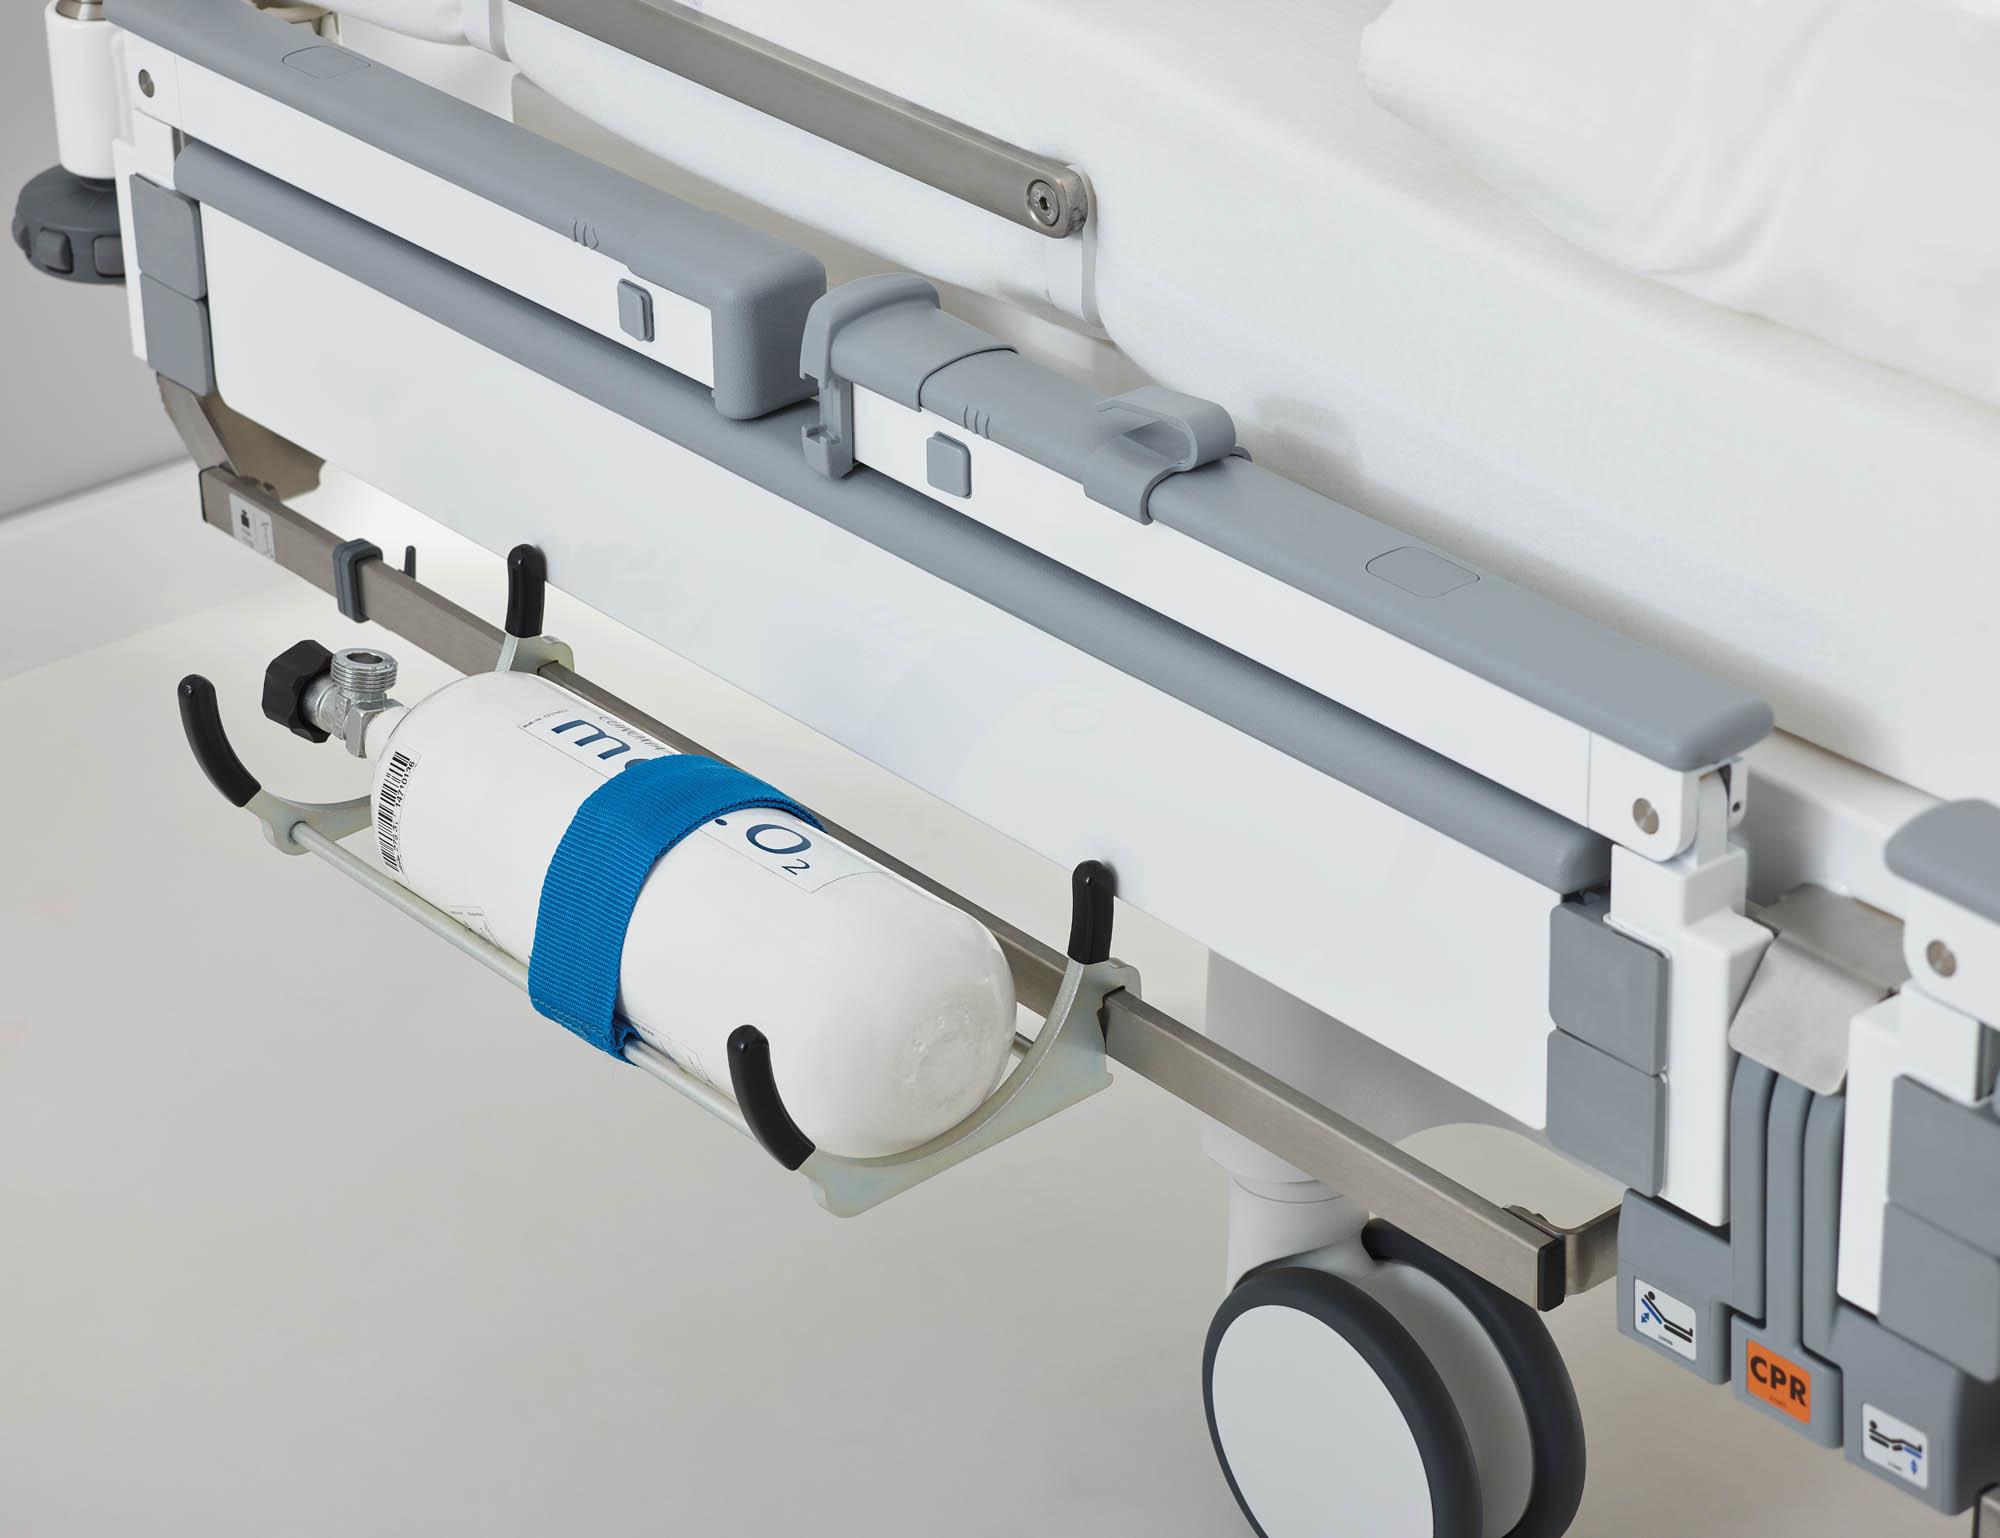 Der Sauerstoffflaschenhalter zum Einhängen an der Edelstahl-Normschiene kann 5-Liter-Flaschen tragen.